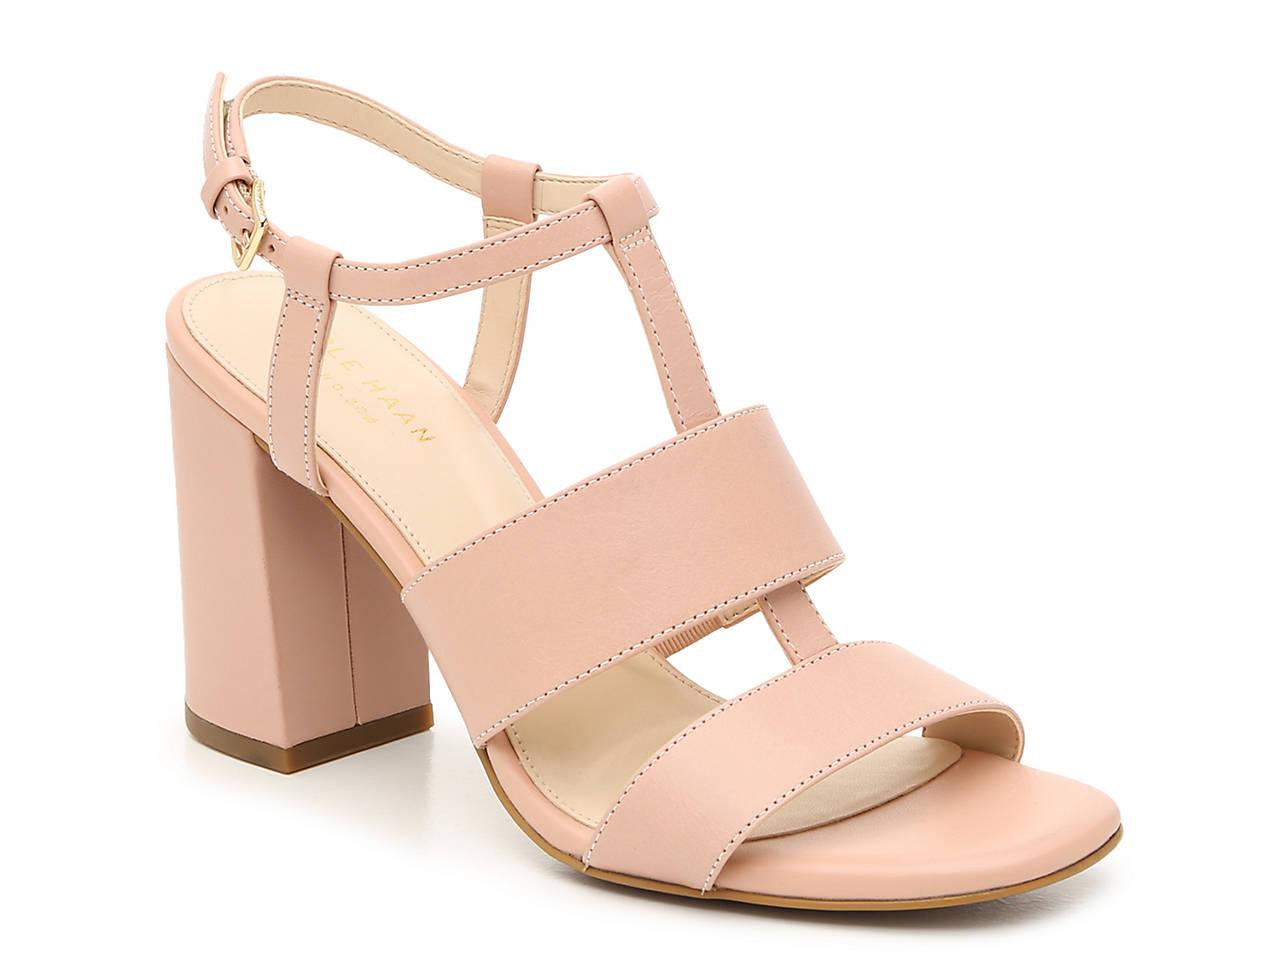 d66e4a5bd69 Cole Haan Cherie Grand Sandal Women s Shoes